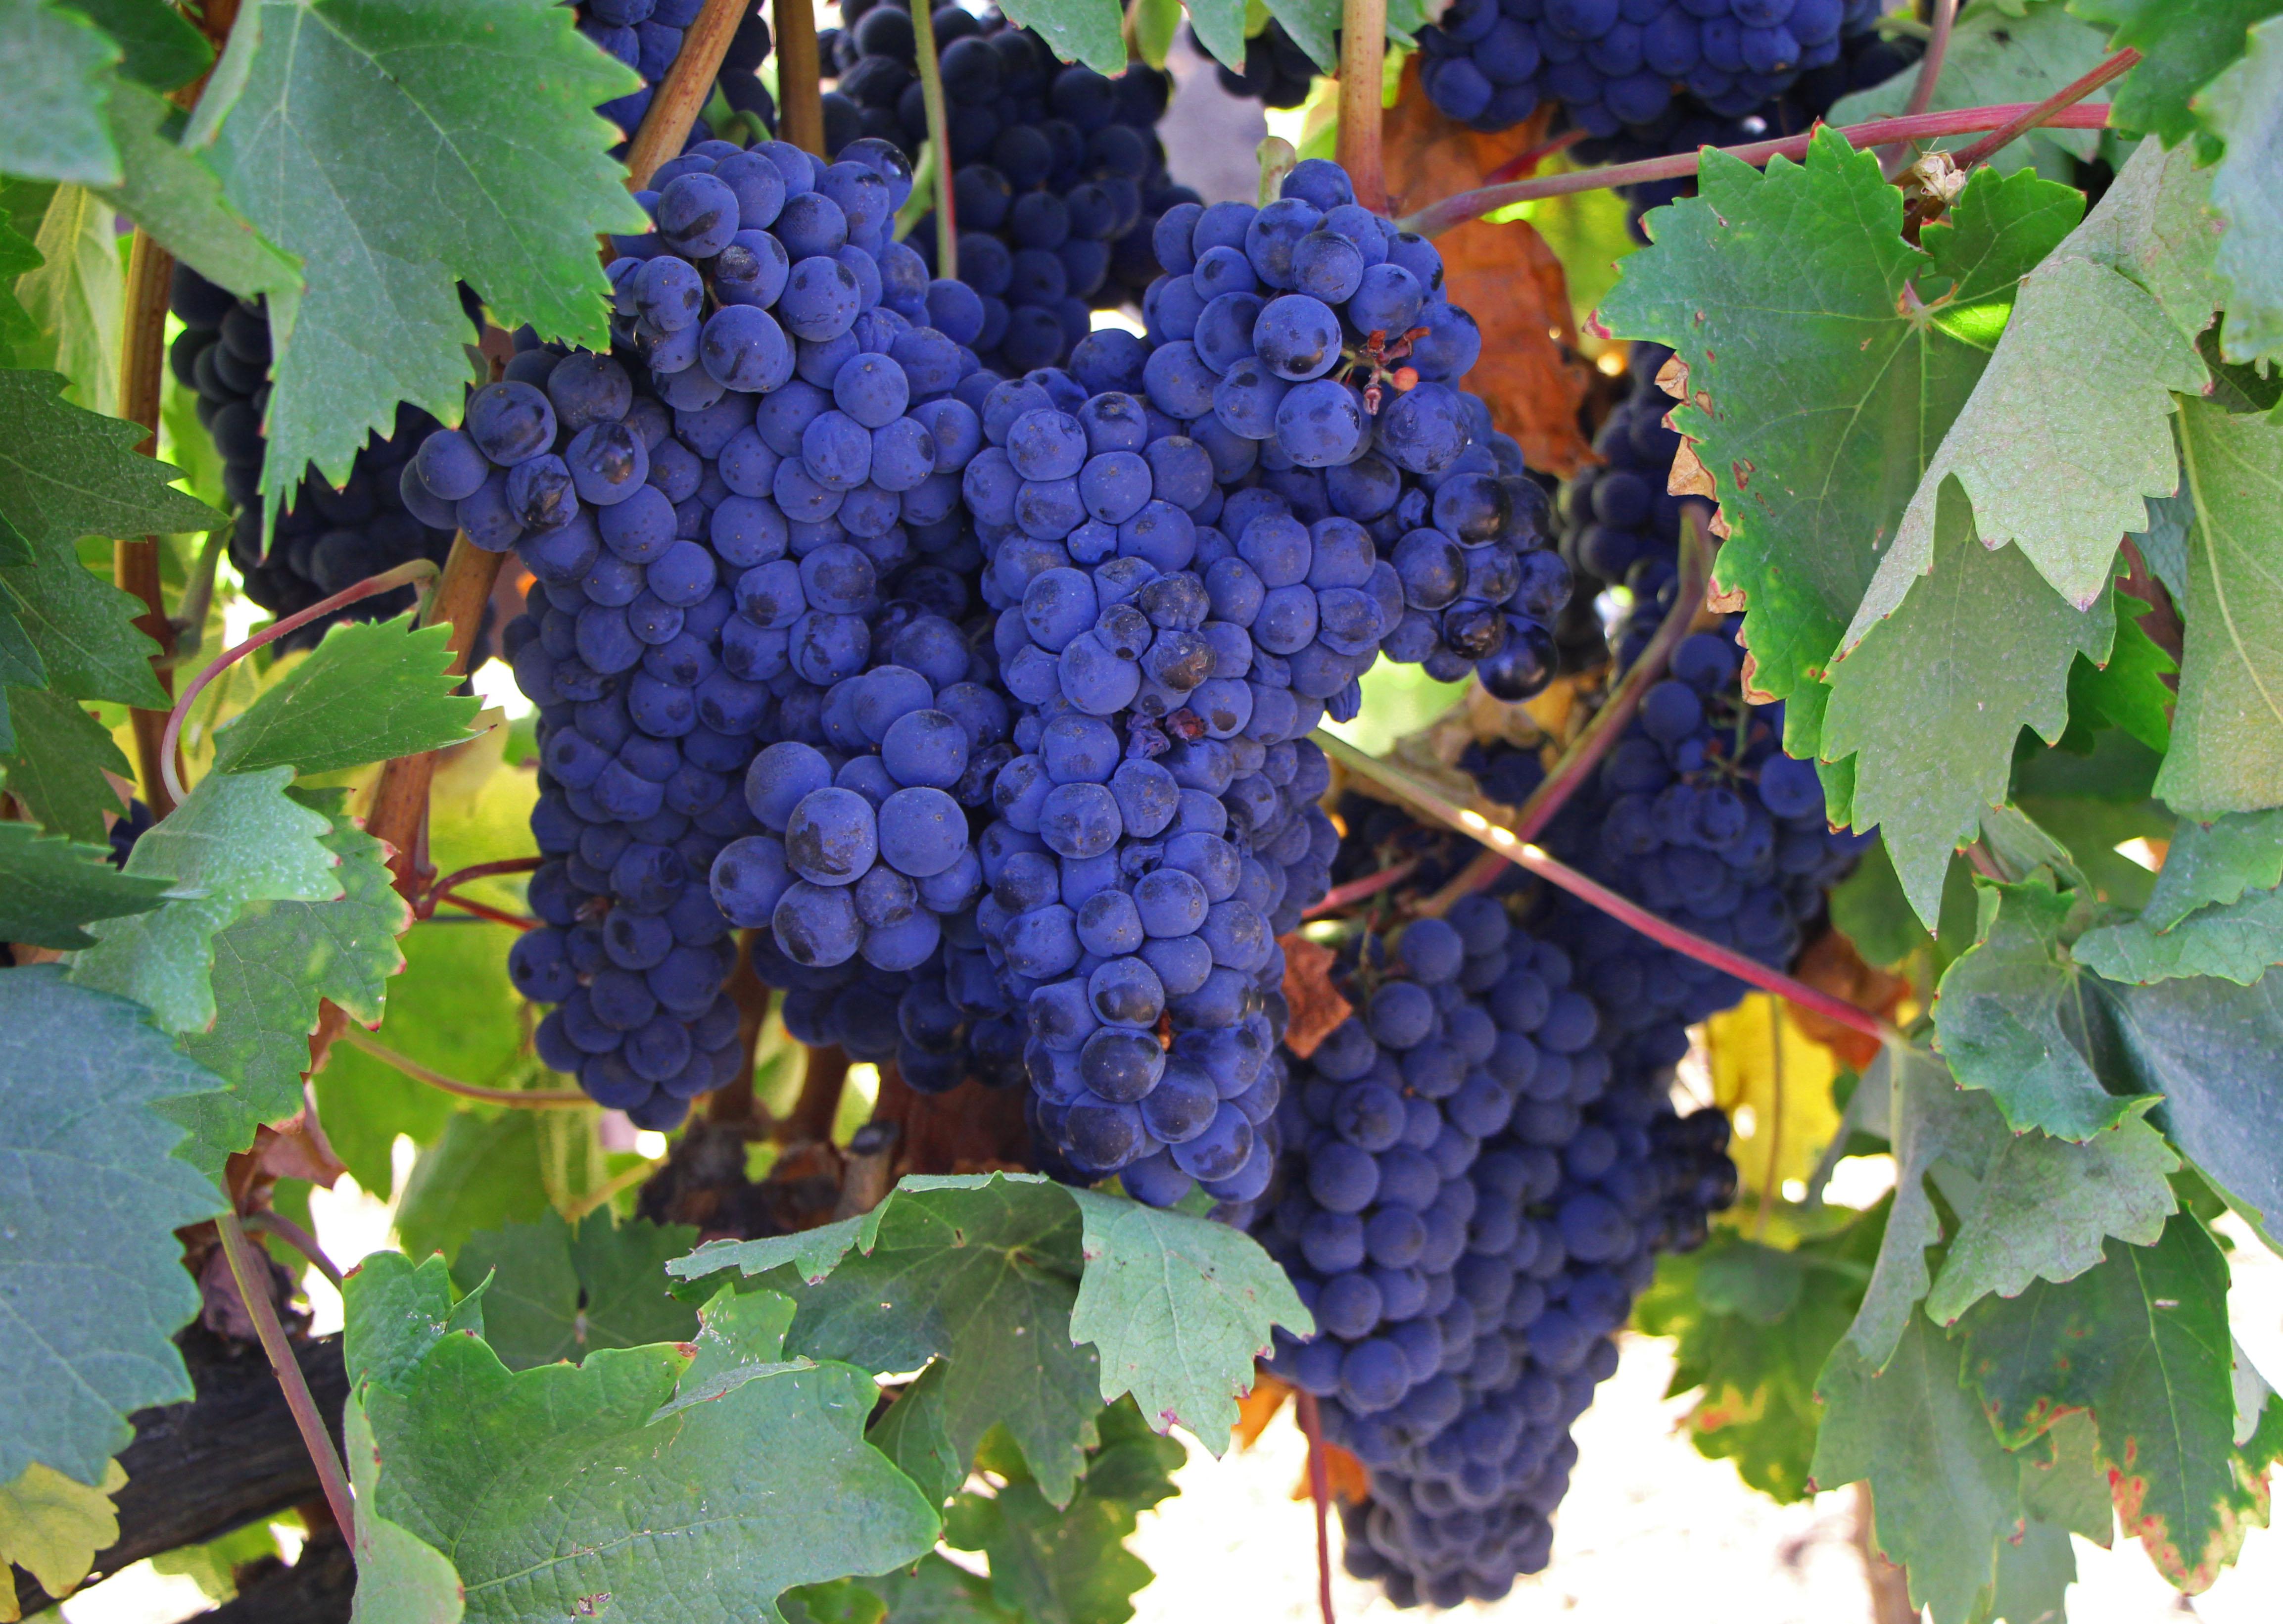 Grapes at the vineyard